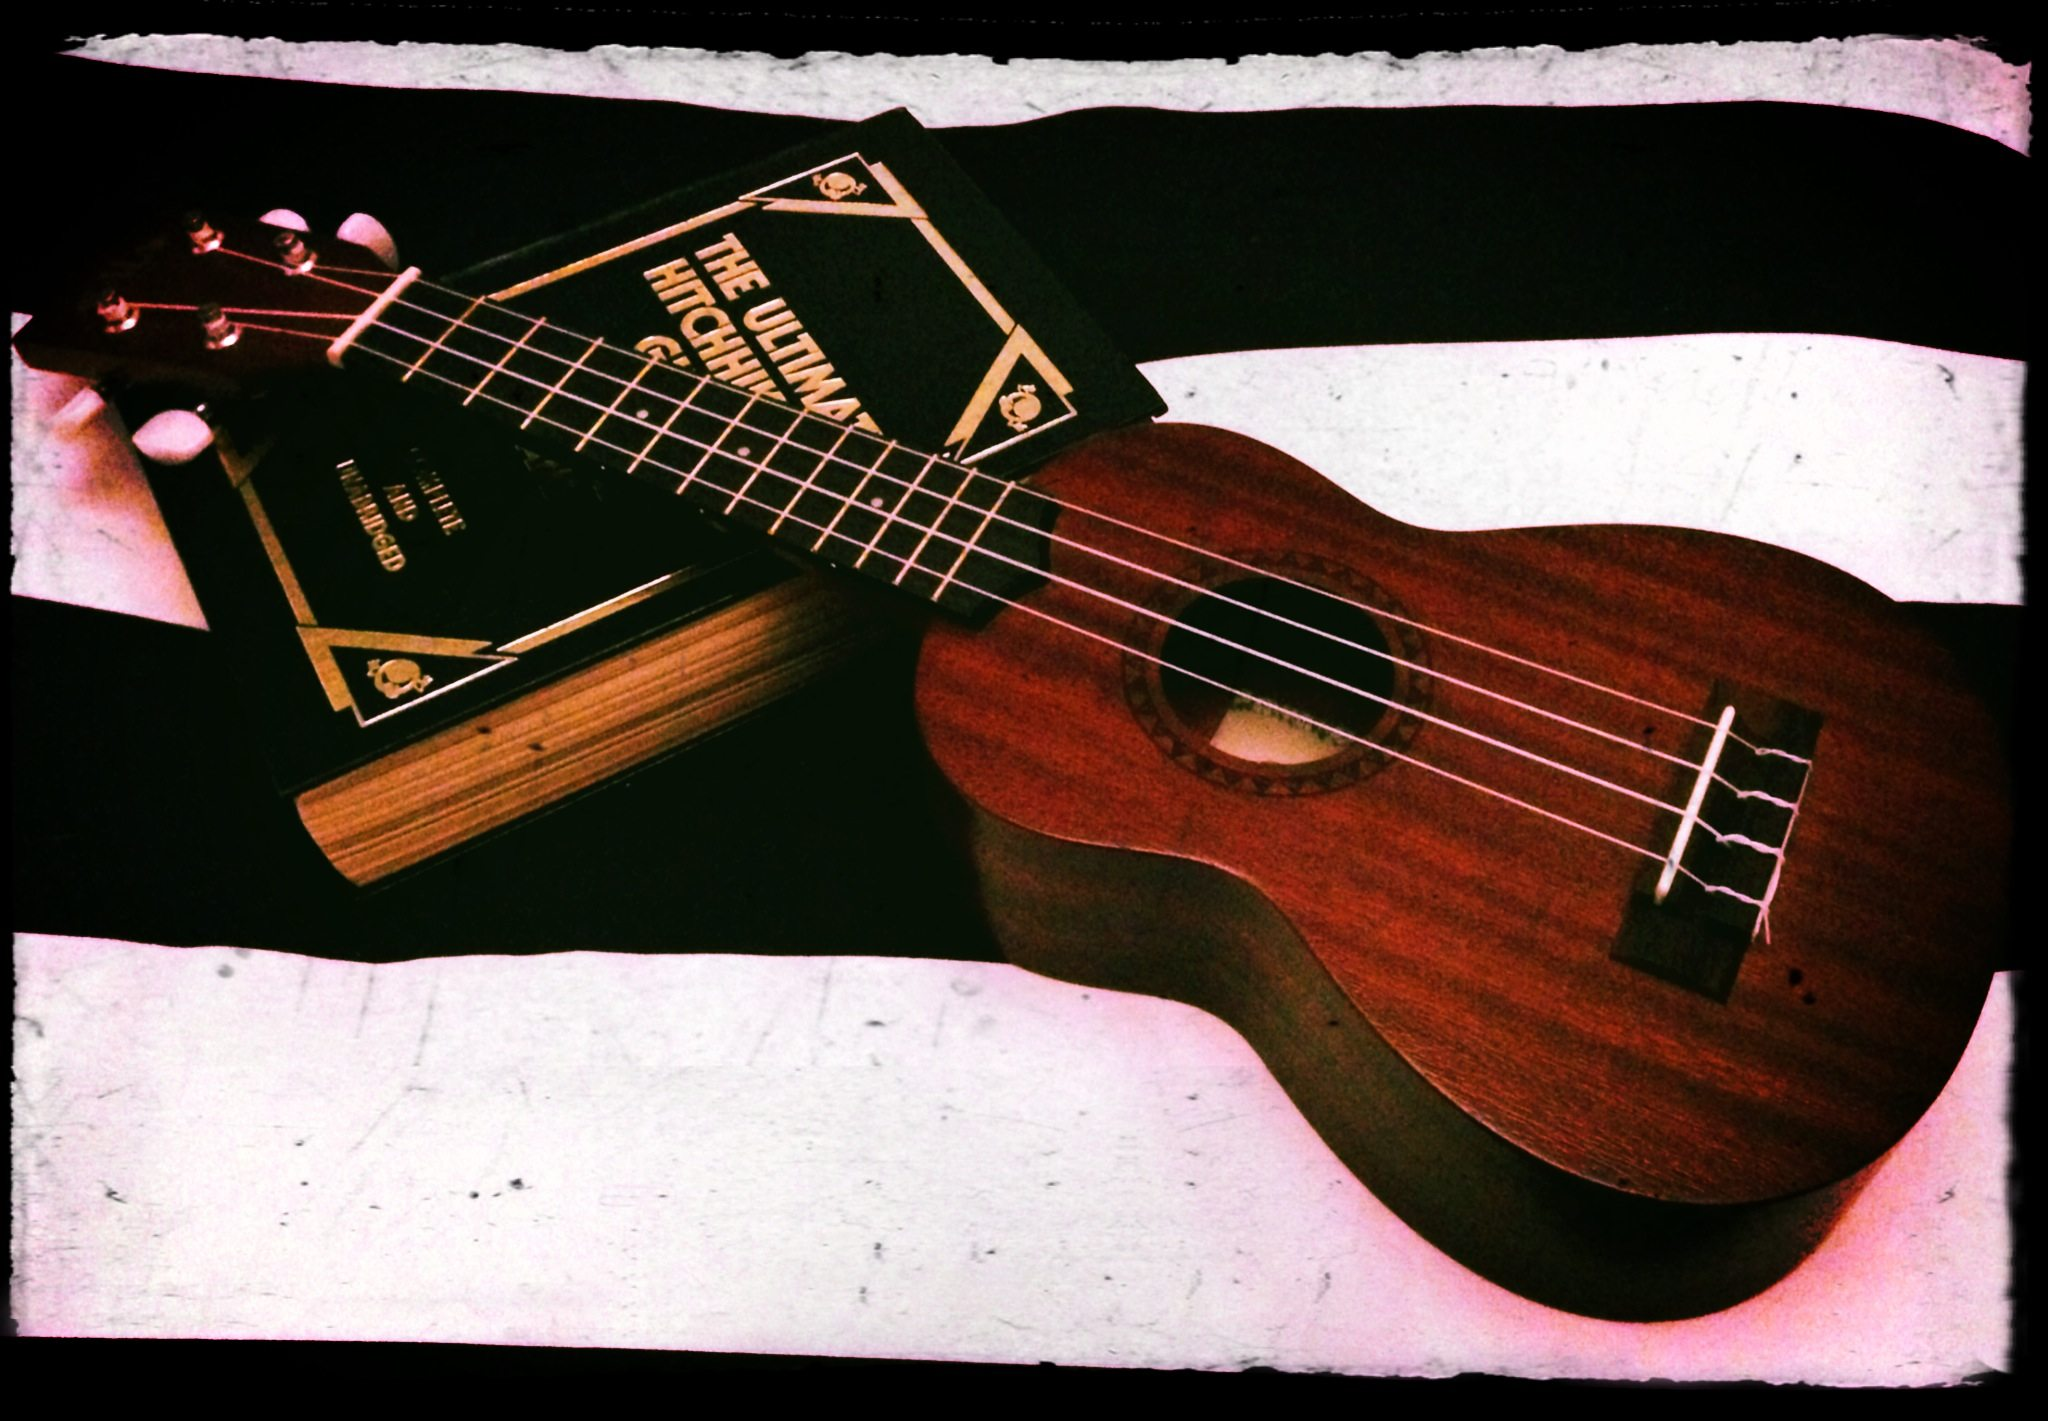 My ukulele. Photo by Ariane Coffin.